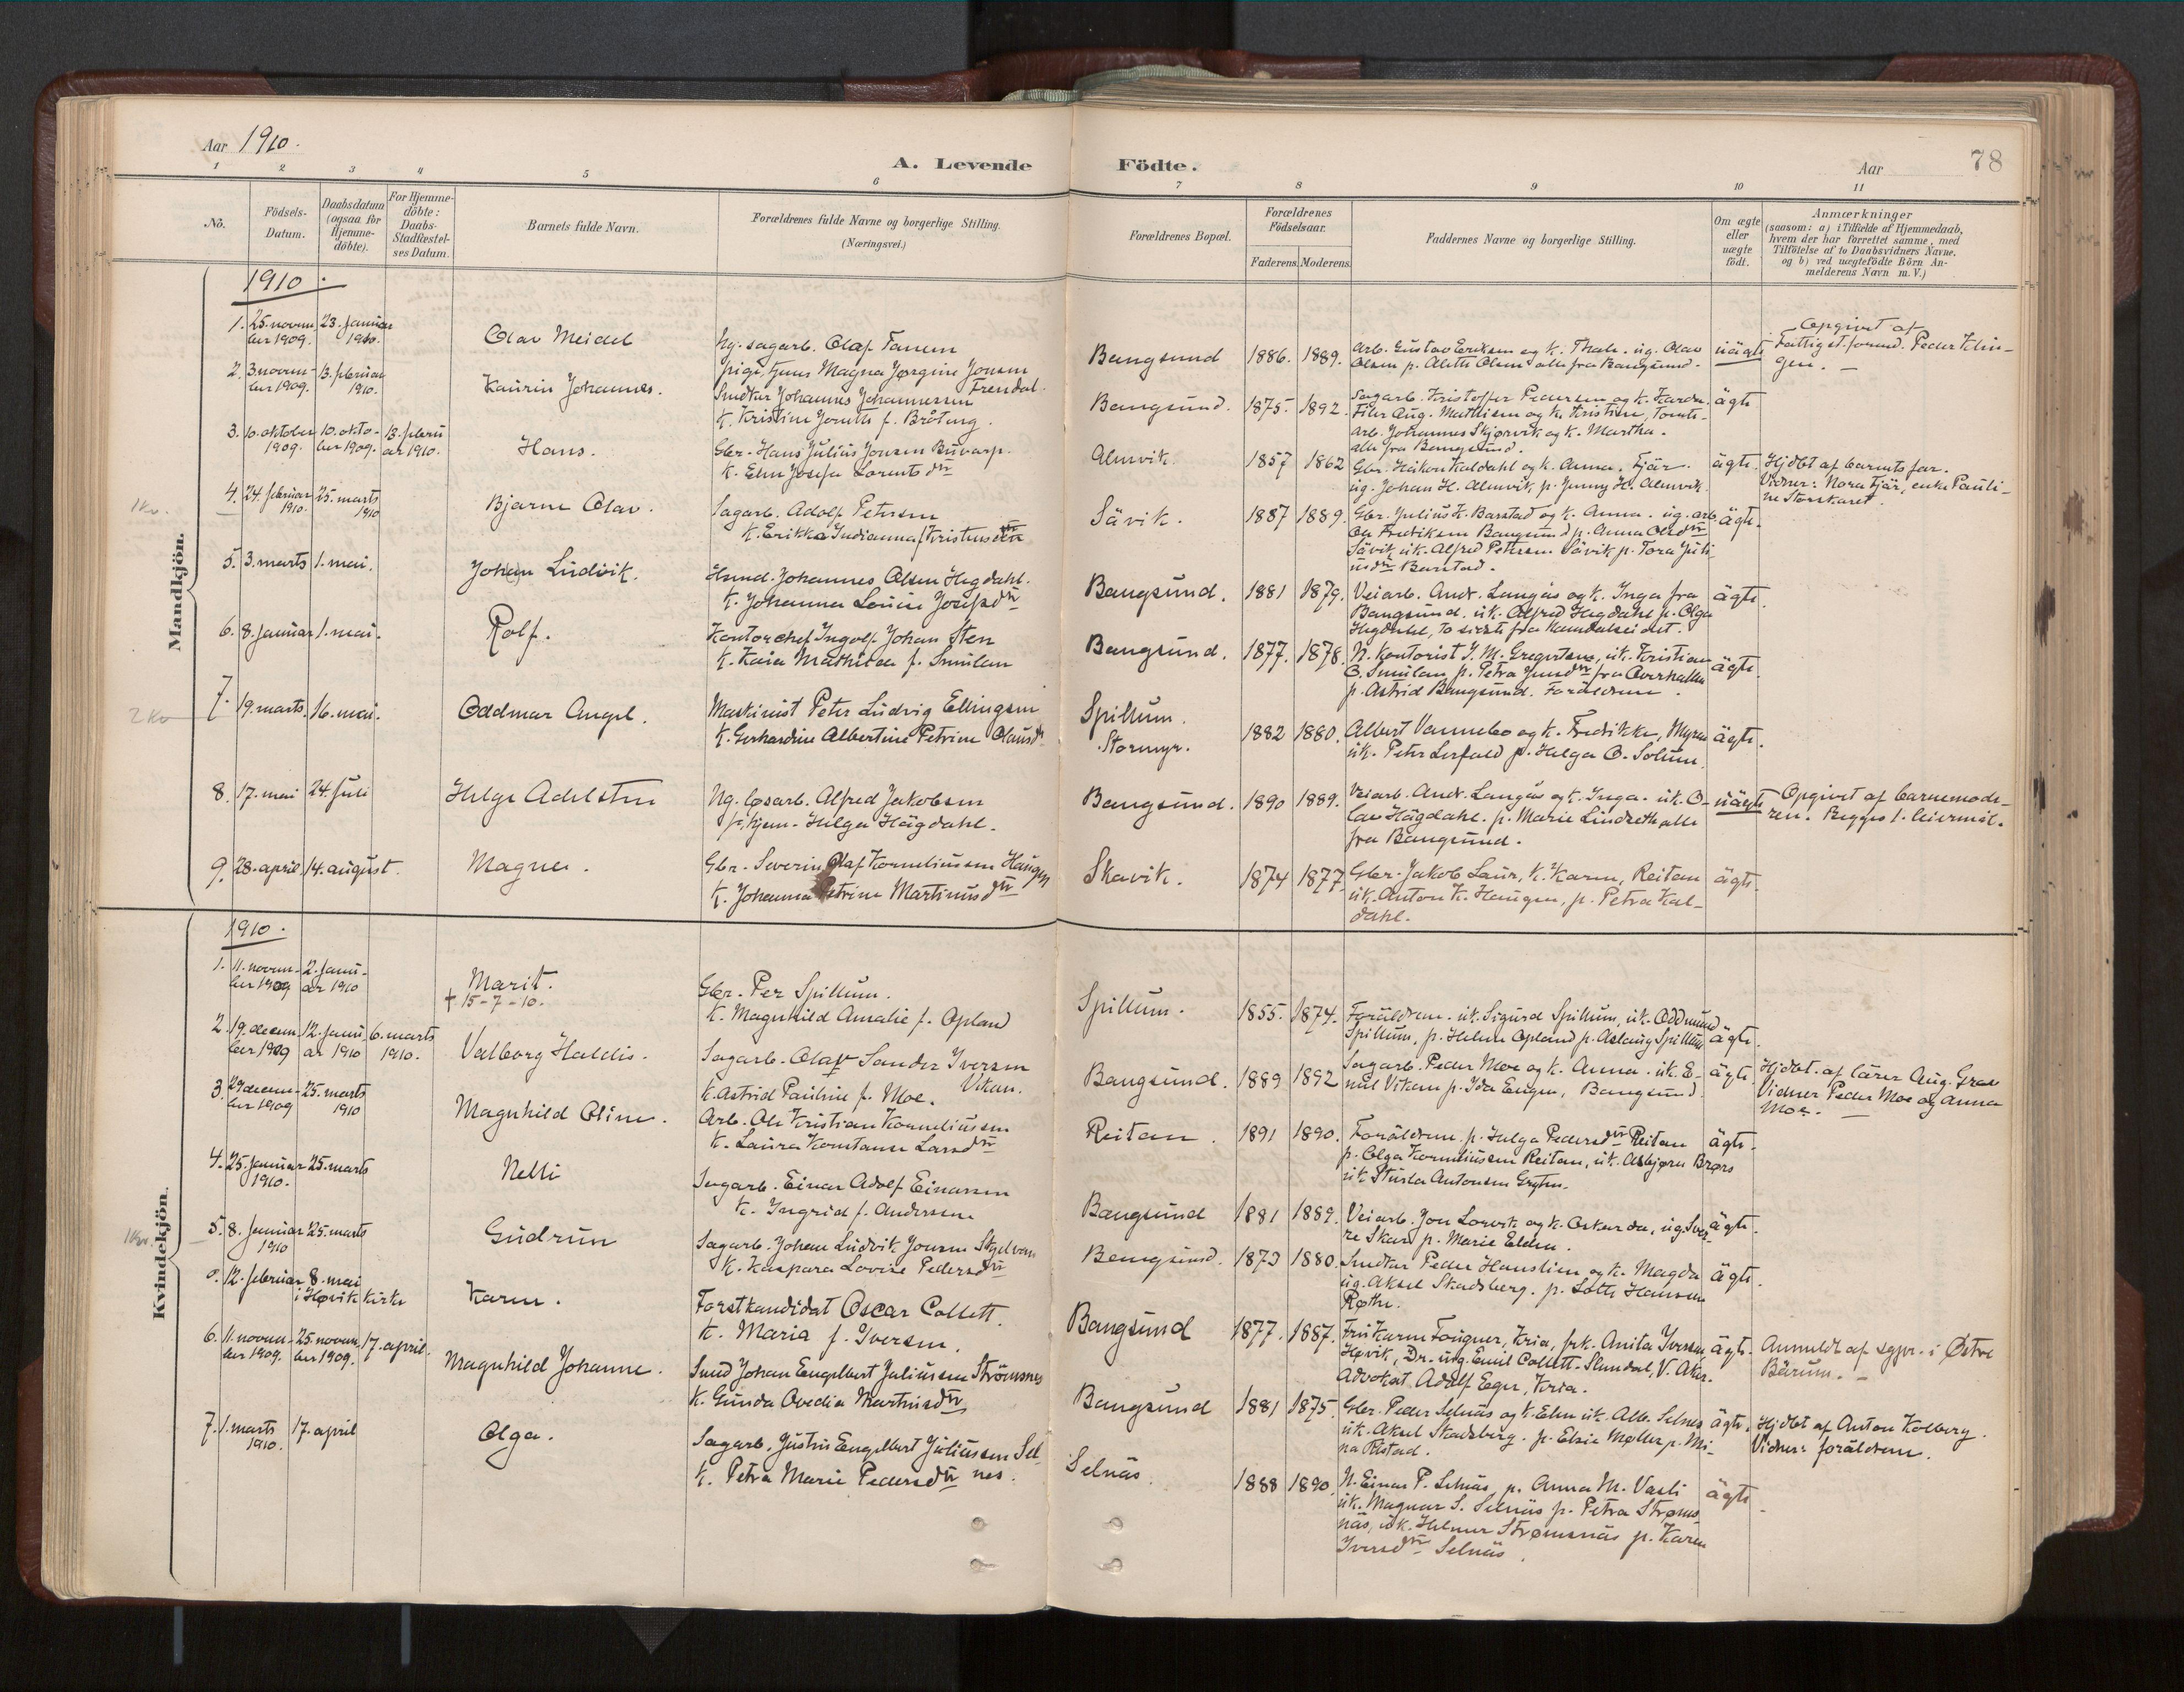 SAT, Ministerialprotokoller, klokkerbøker og fødselsregistre - Nord-Trøndelag, 770/L0589: Ministerialbok nr. 770A03, 1887-1929, s. 78